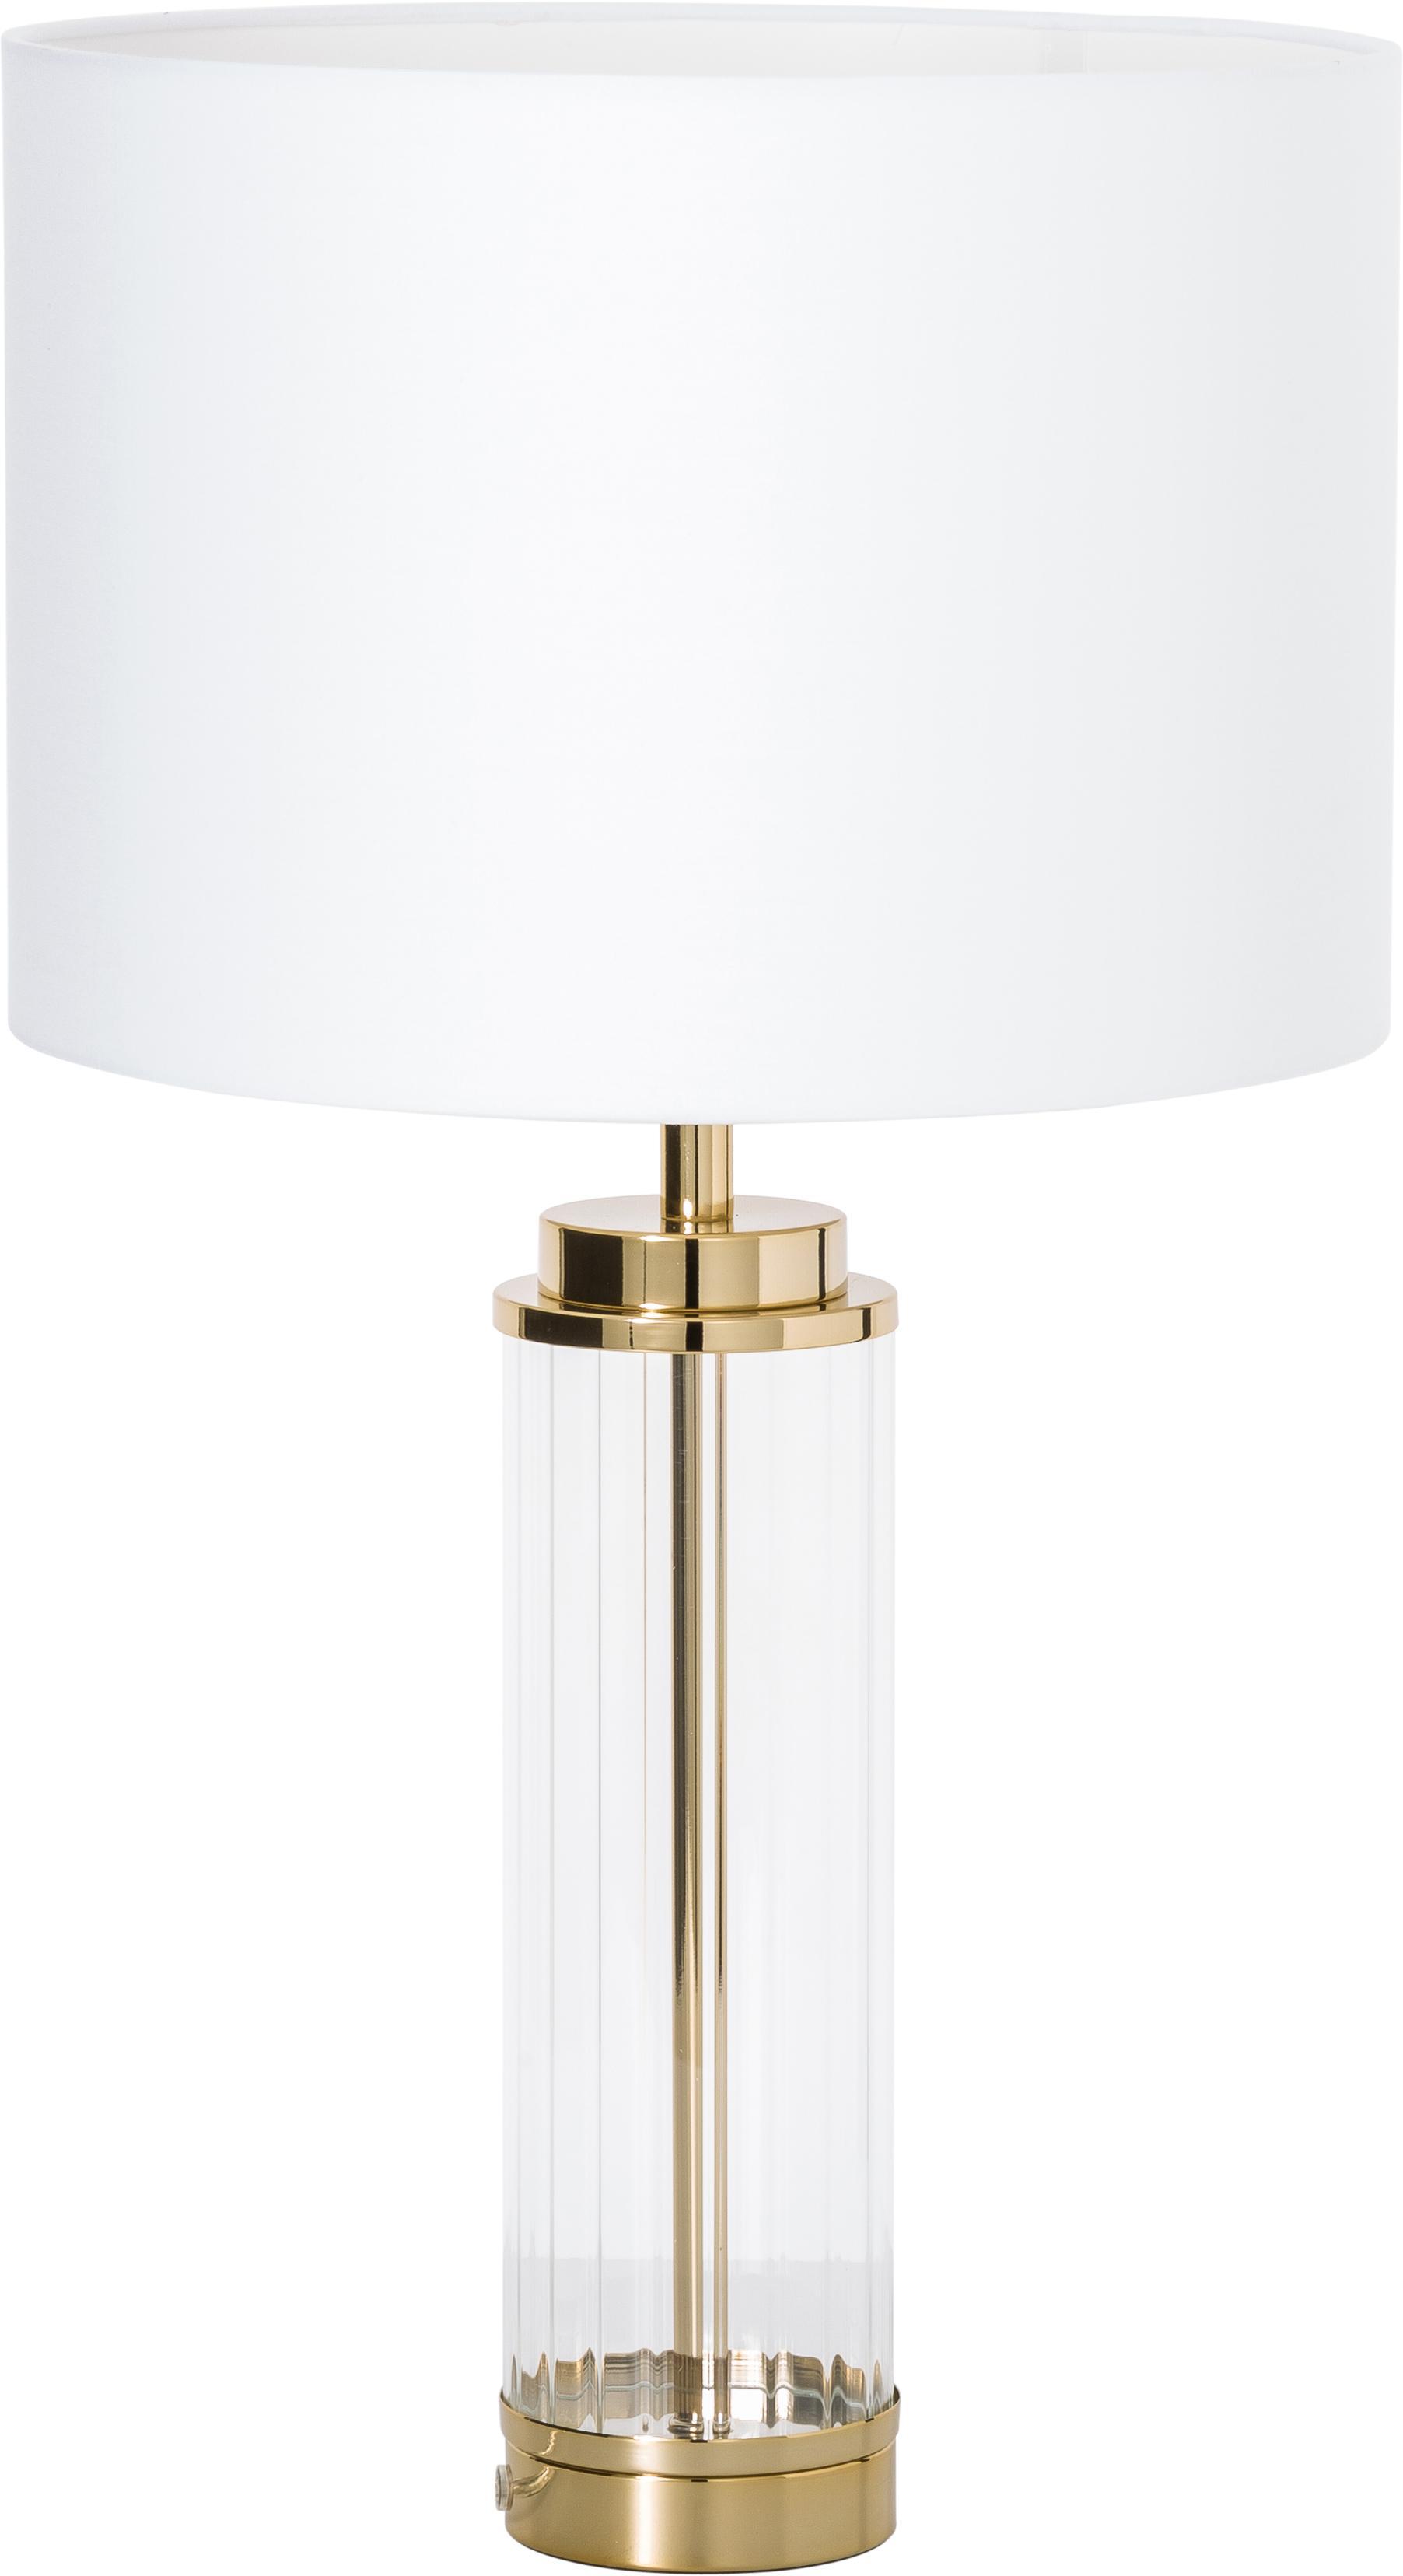 Grosse Glam-Tischlampe Gabor mit Glasfuss, Lampenschirm: Textil, Lampenschirm: Creme.Lampenfuss: Goldfarben, Ø 35 x H 64 cm